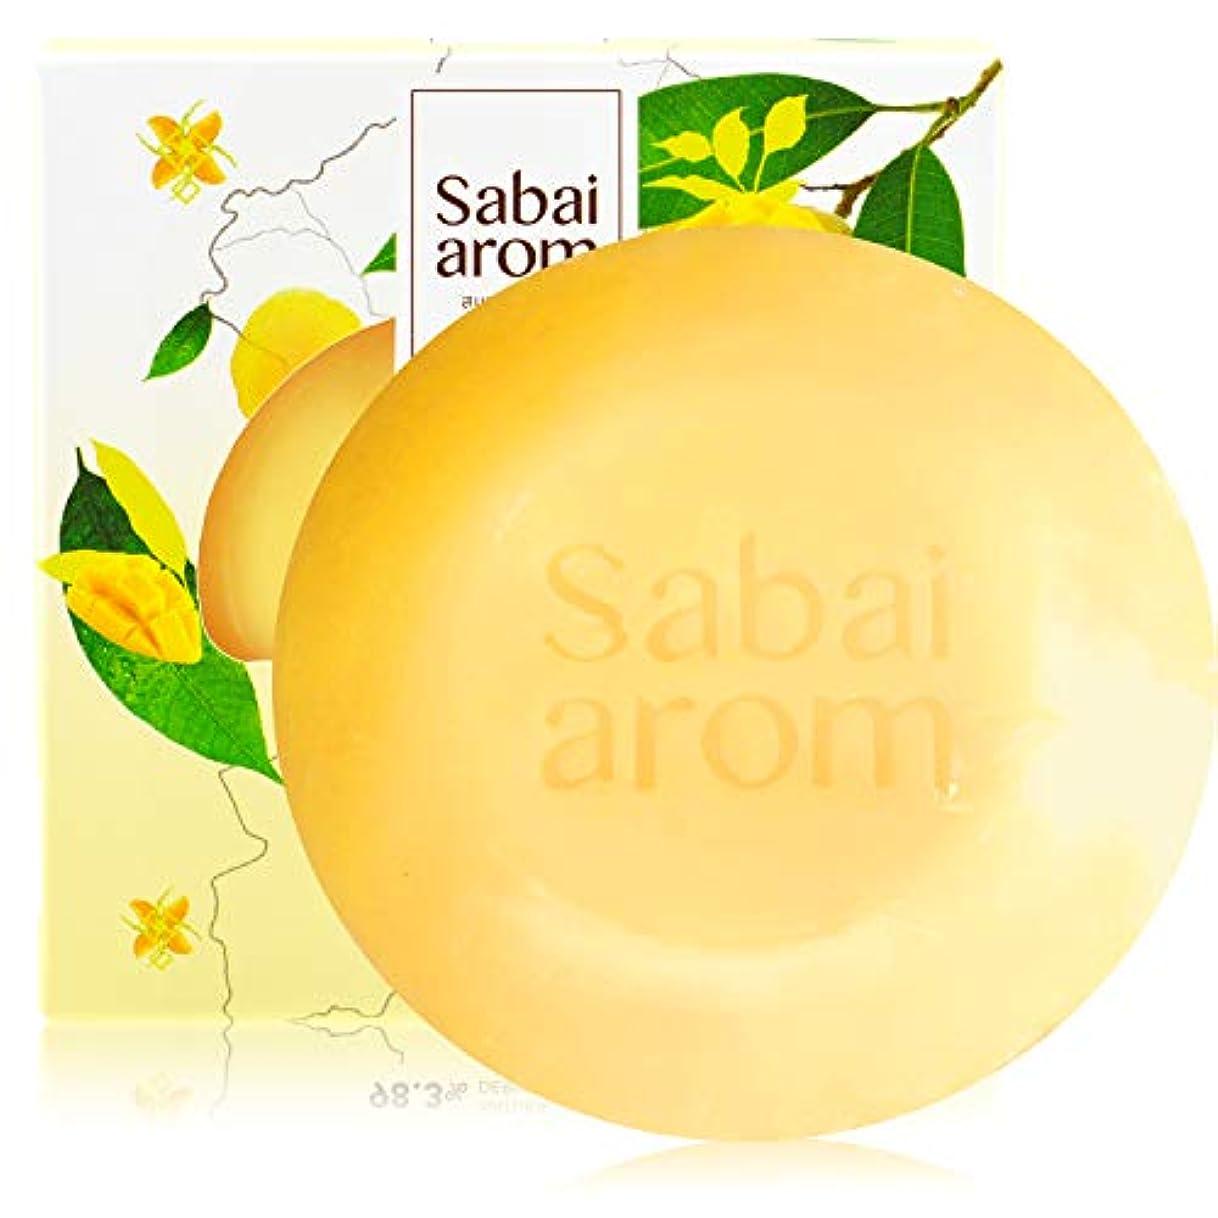 脱獄革命的過敏なサバイアロム(Sabai-arom) マンゴー オーチャード フェイス&ボディソープバー (石鹸) 100g【MAN】【001】